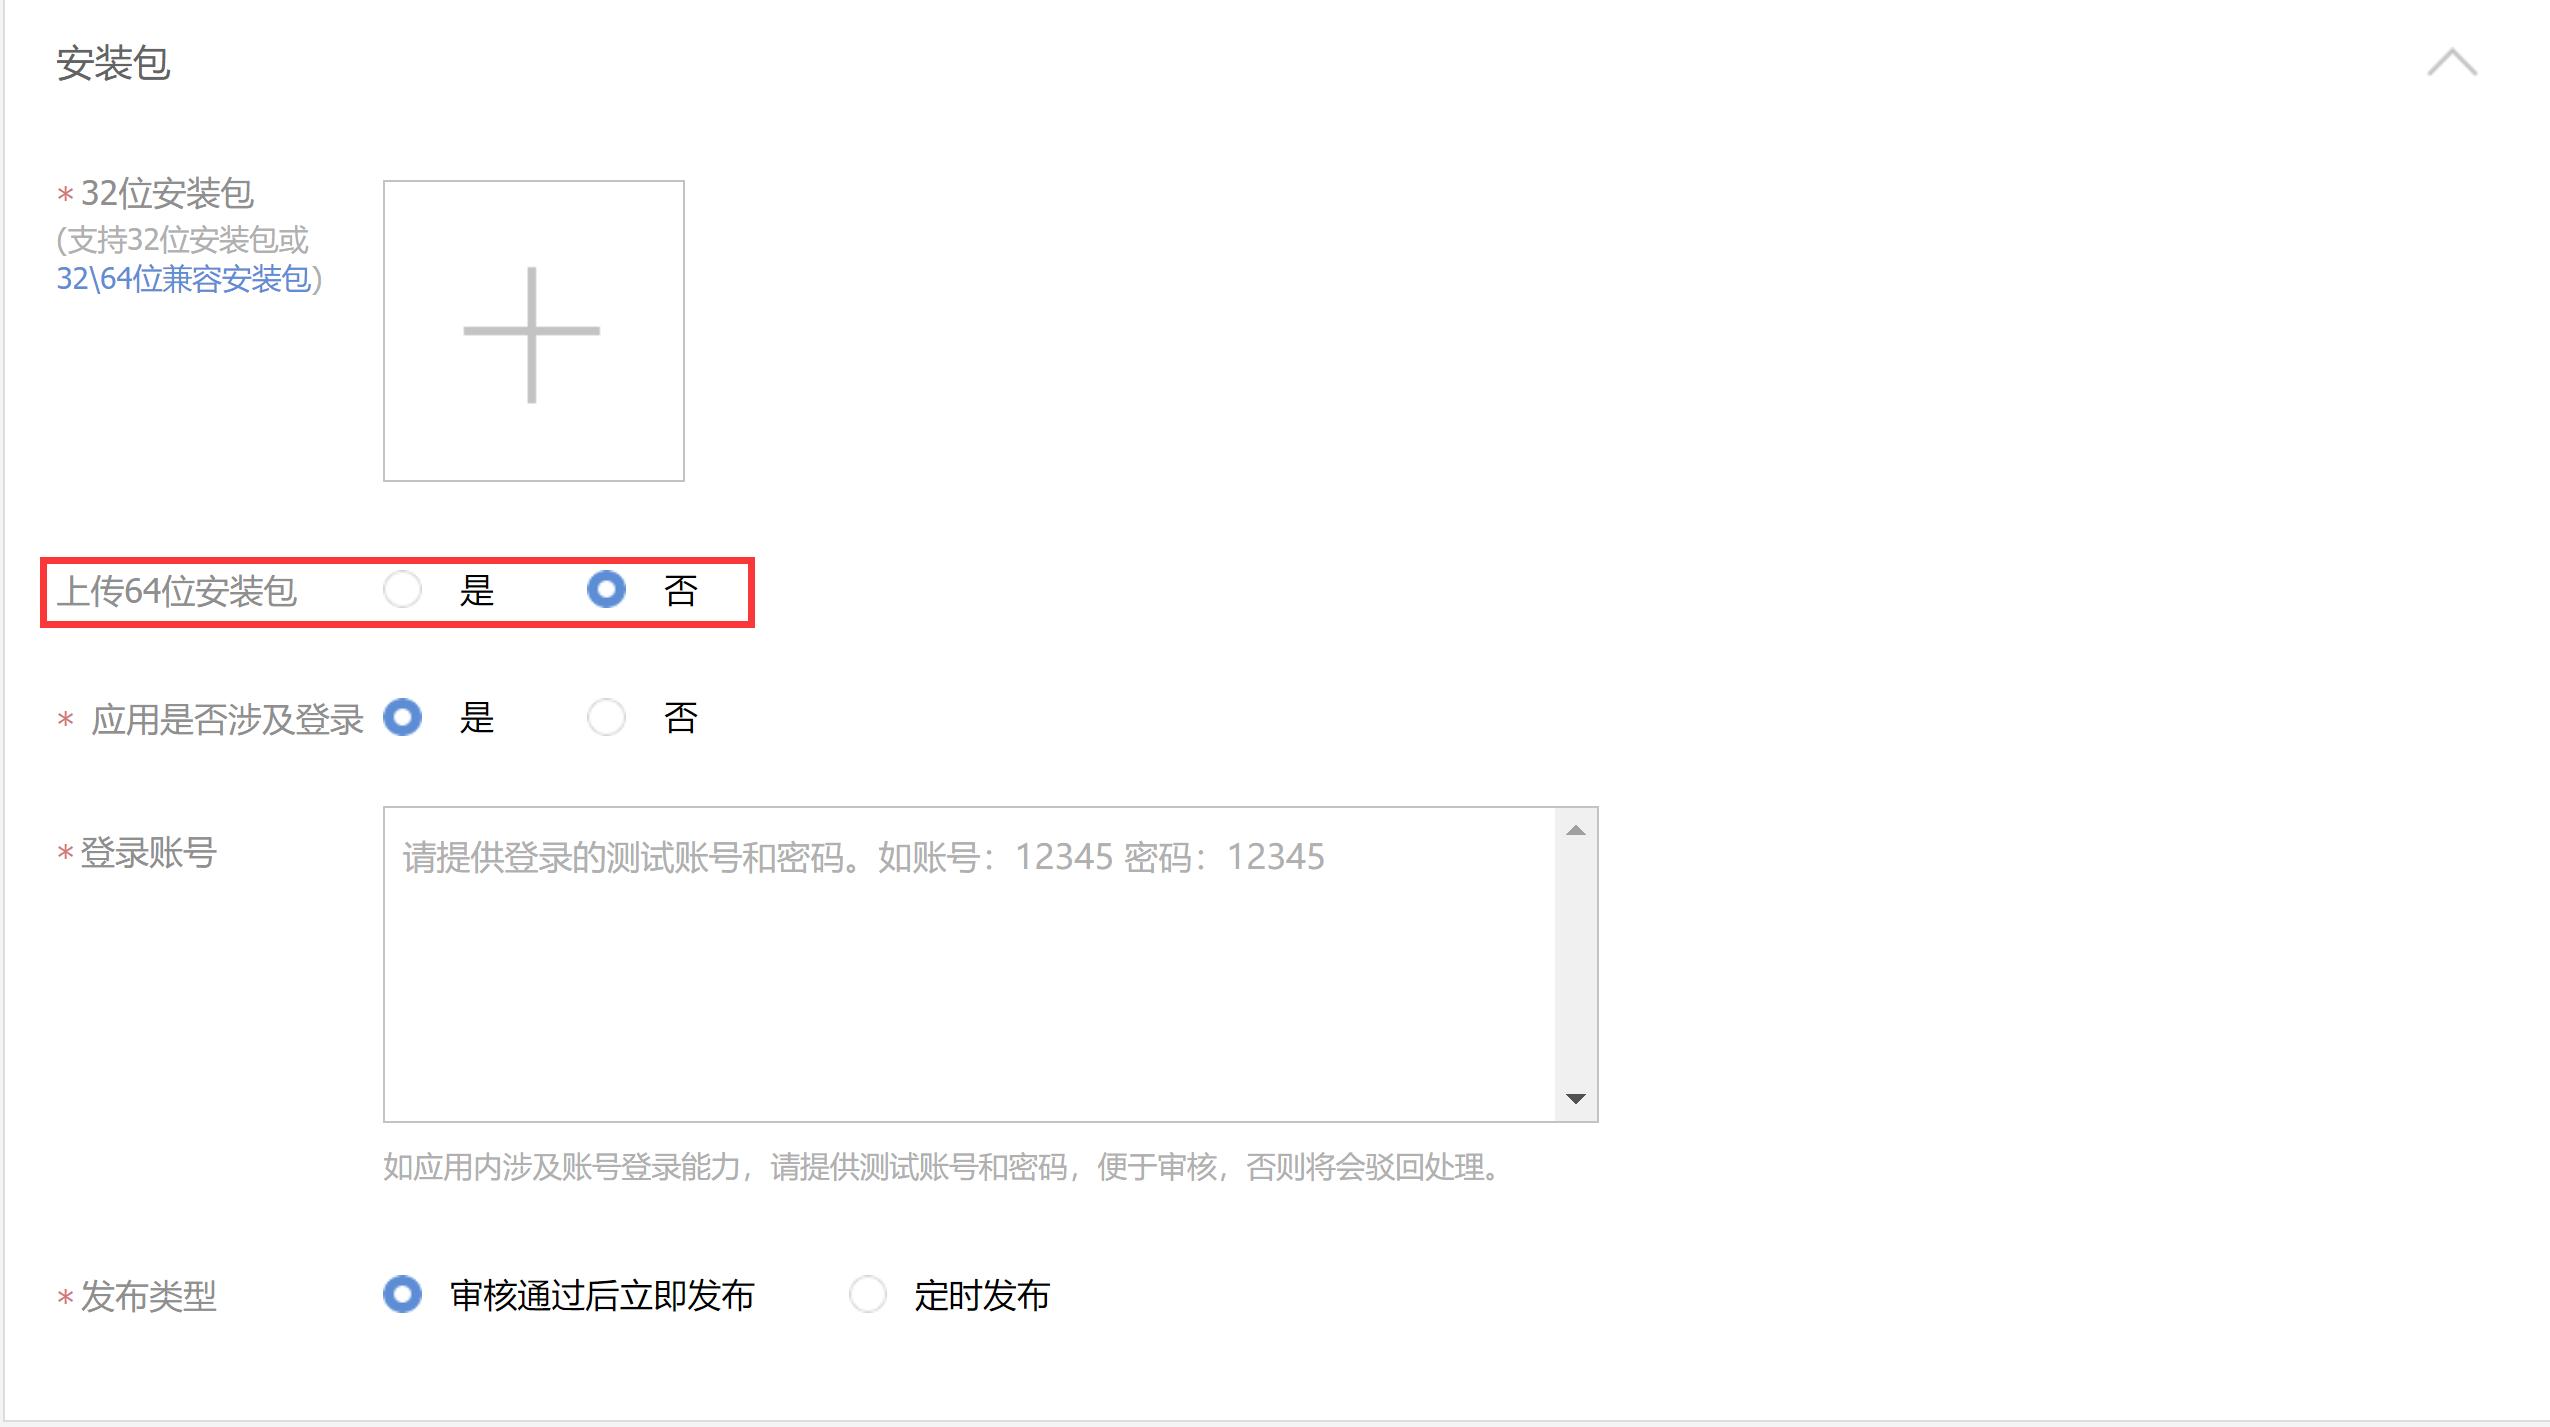 tongshishangchuan32wei64weibaozhiyin_003.png